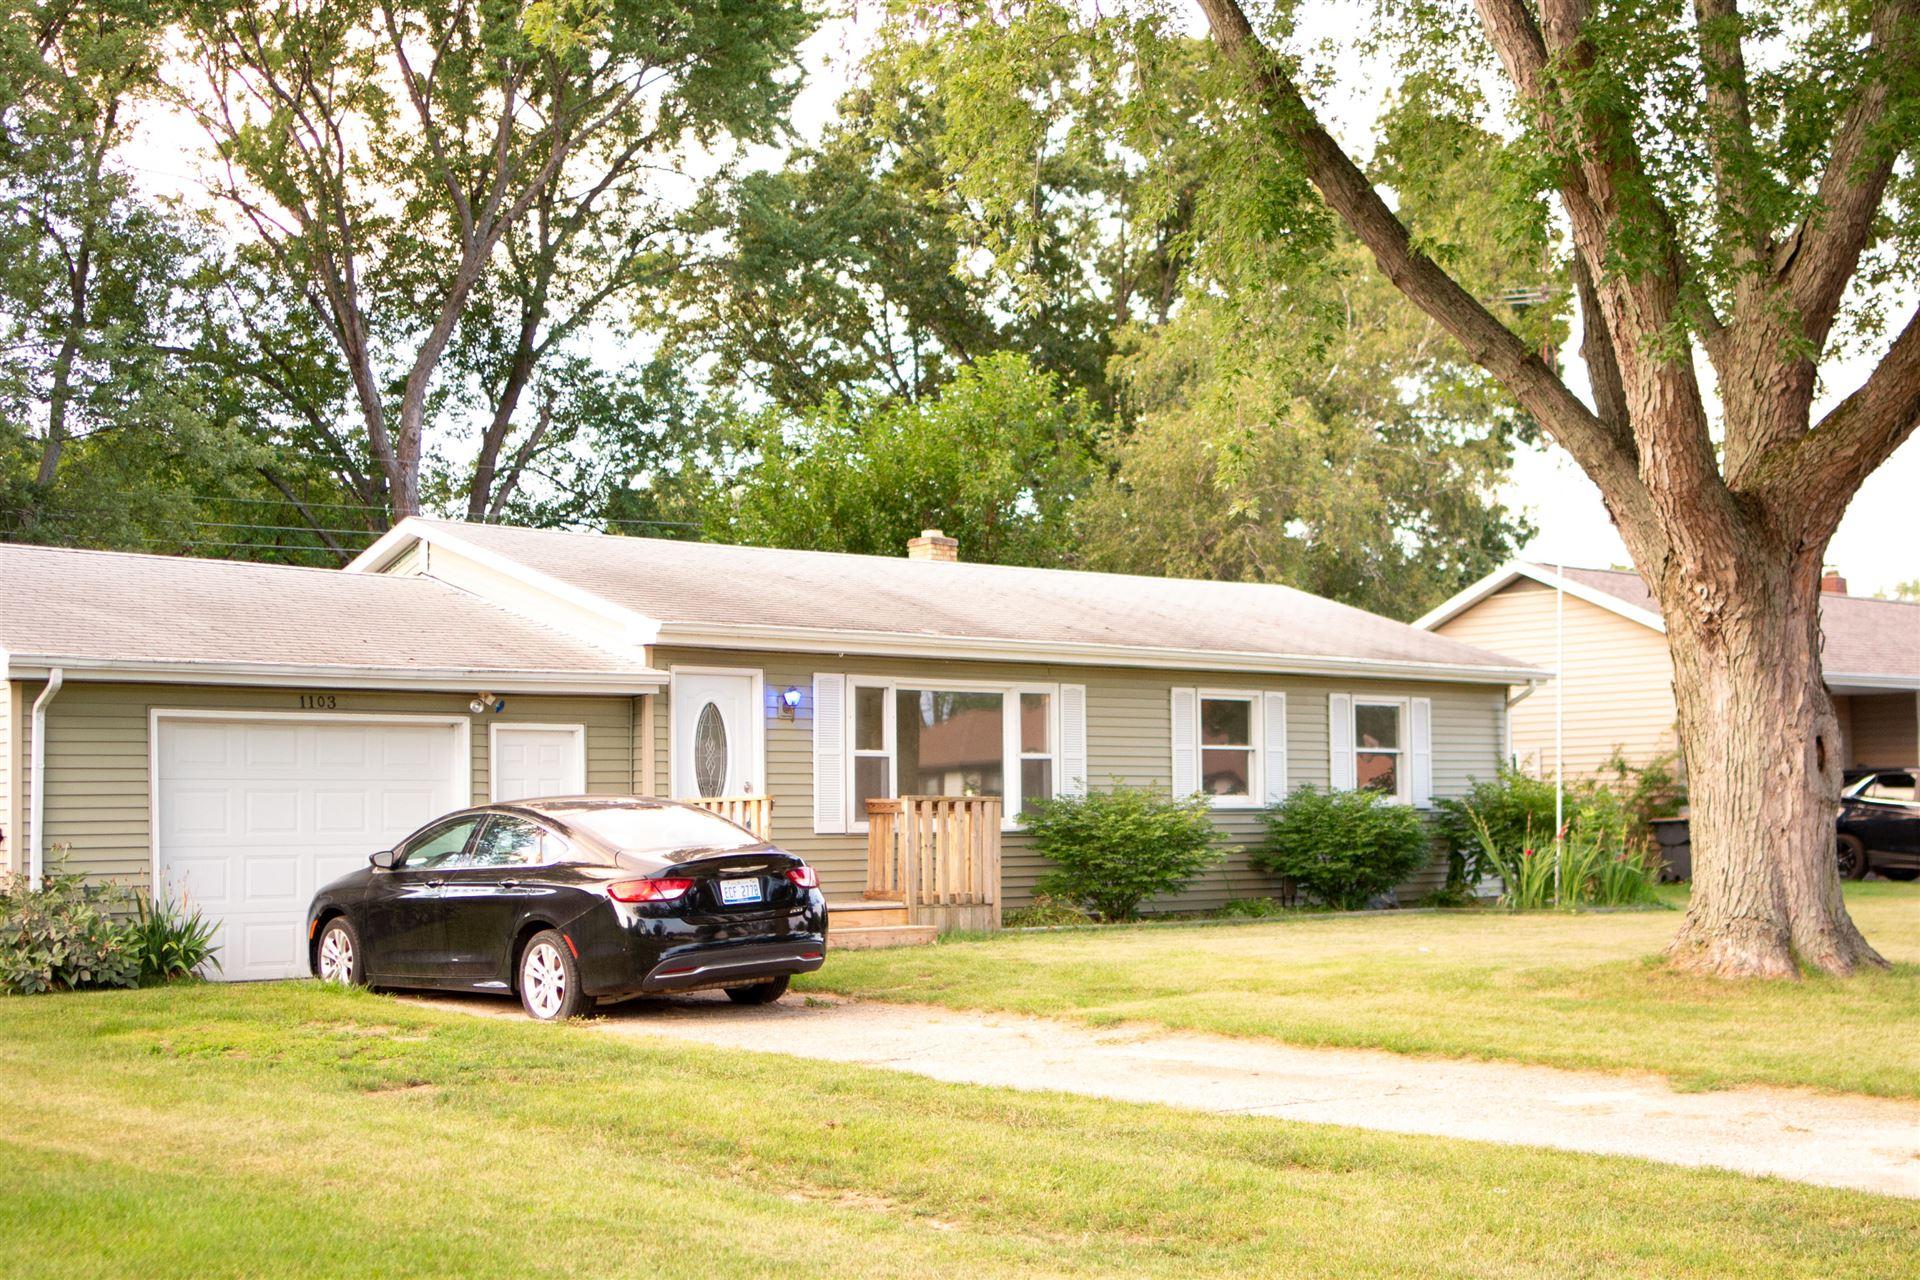 1103 Fairlawn Road, Saint Joseph, MI 49085 - MLS#: 21100183